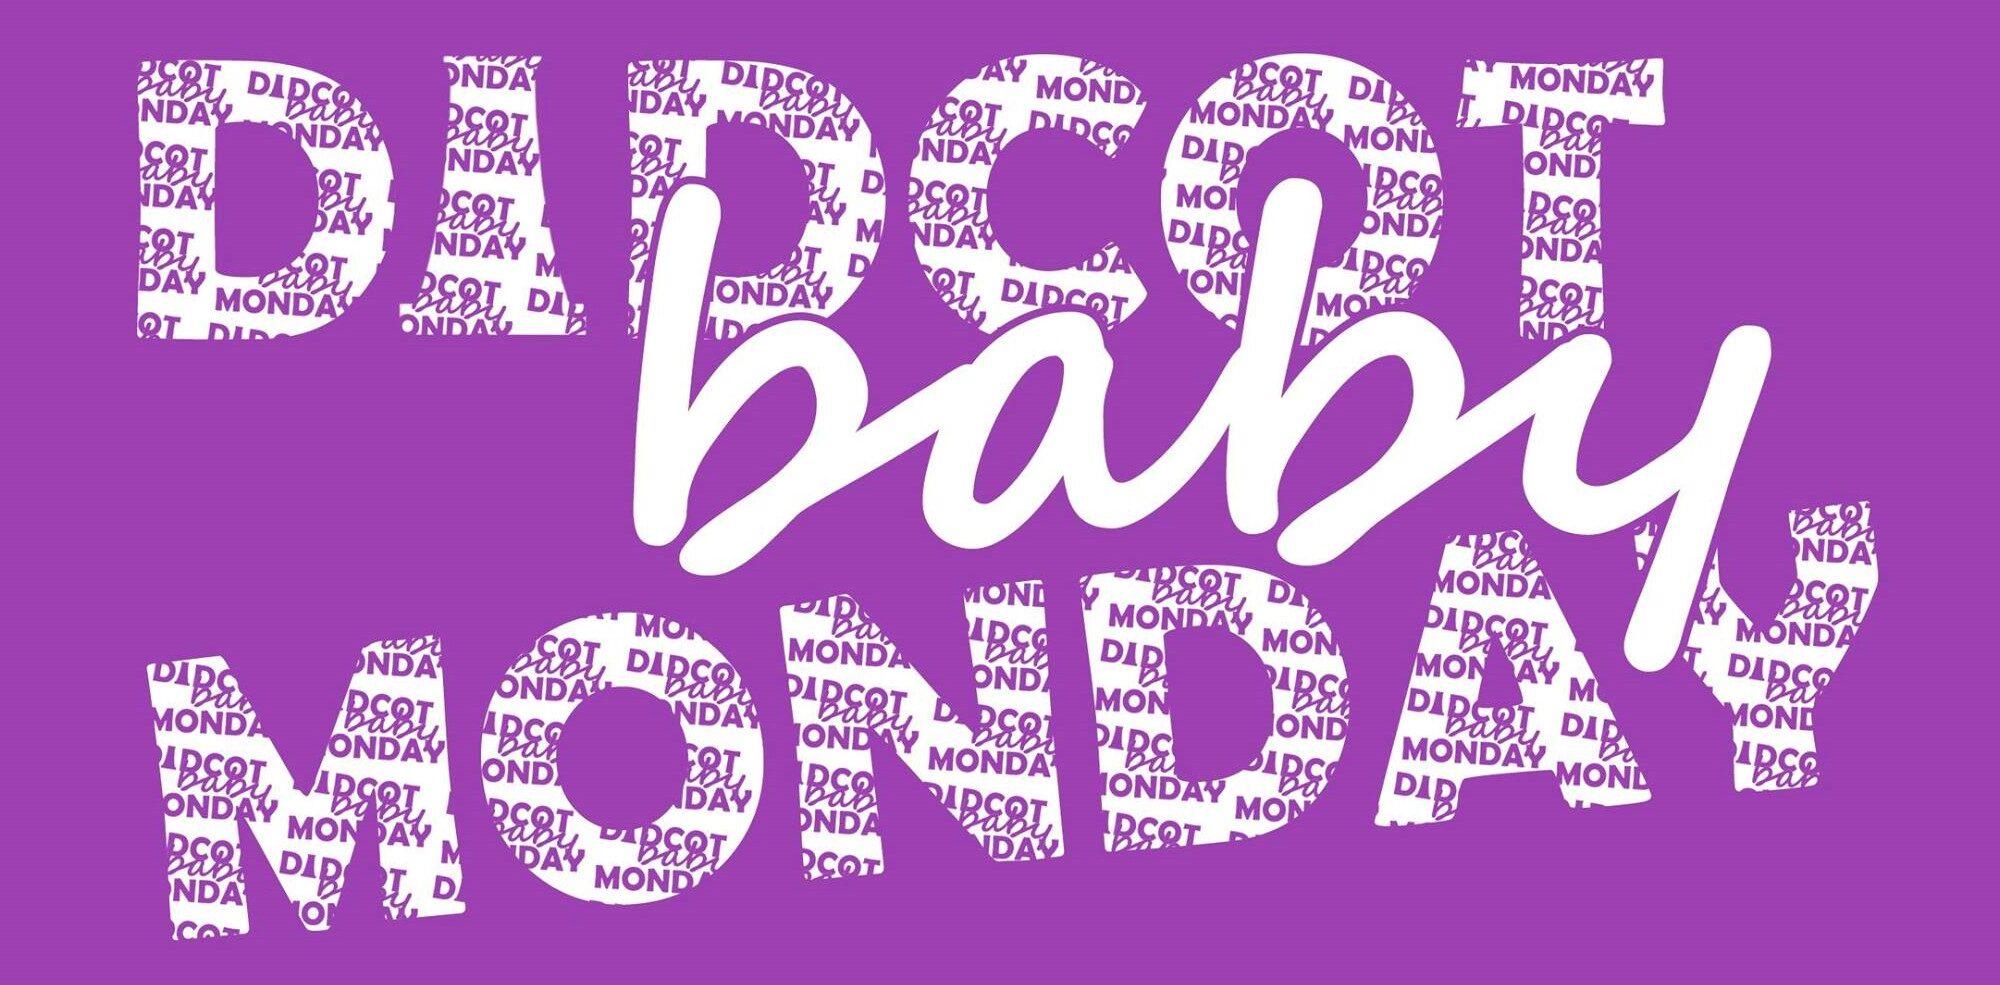 Didcot Baby Monday